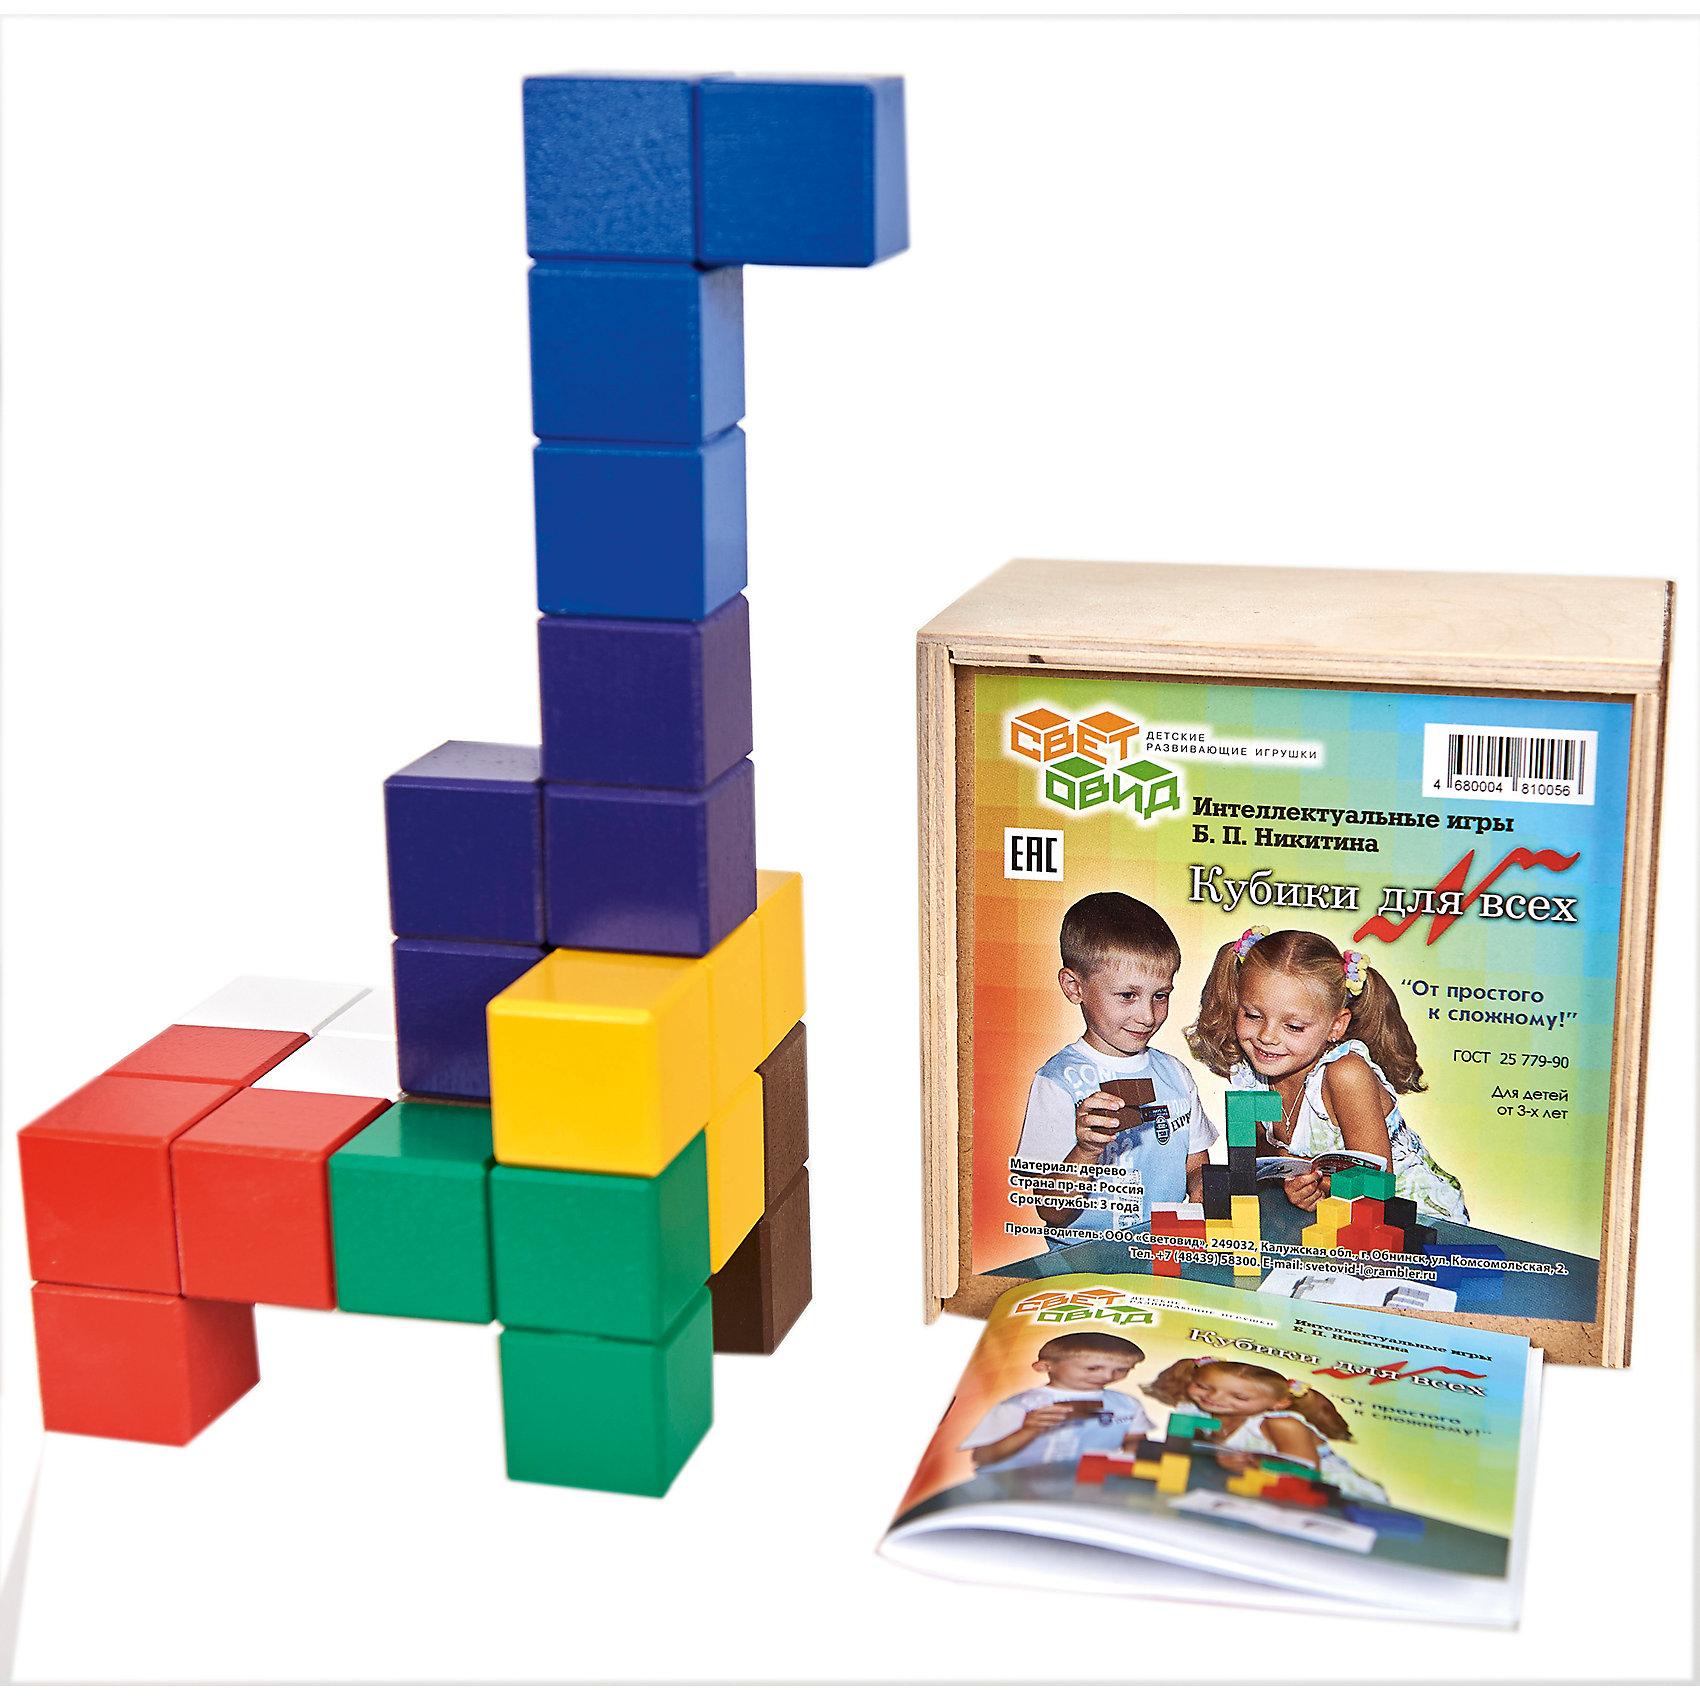 Кубики для всех, (коробка фанера), СветовидКубики<br>Игра Кубики для всех учит мыслить пространственными образами (объемными фигурами), умению их комбинировать и является значительно более сложной, чем игры с обычными кубиками. Видимо, поэтому к ней так неравнодушны школьники.<br><br>Ширина мм: 138<br>Глубина мм: 138<br>Высота мм: 85<br>Вес г: 750<br>Возраст от месяцев: 36<br>Возраст до месяцев: 2147483647<br>Пол: Унисекс<br>Возраст: Детский<br>SKU: 6894280